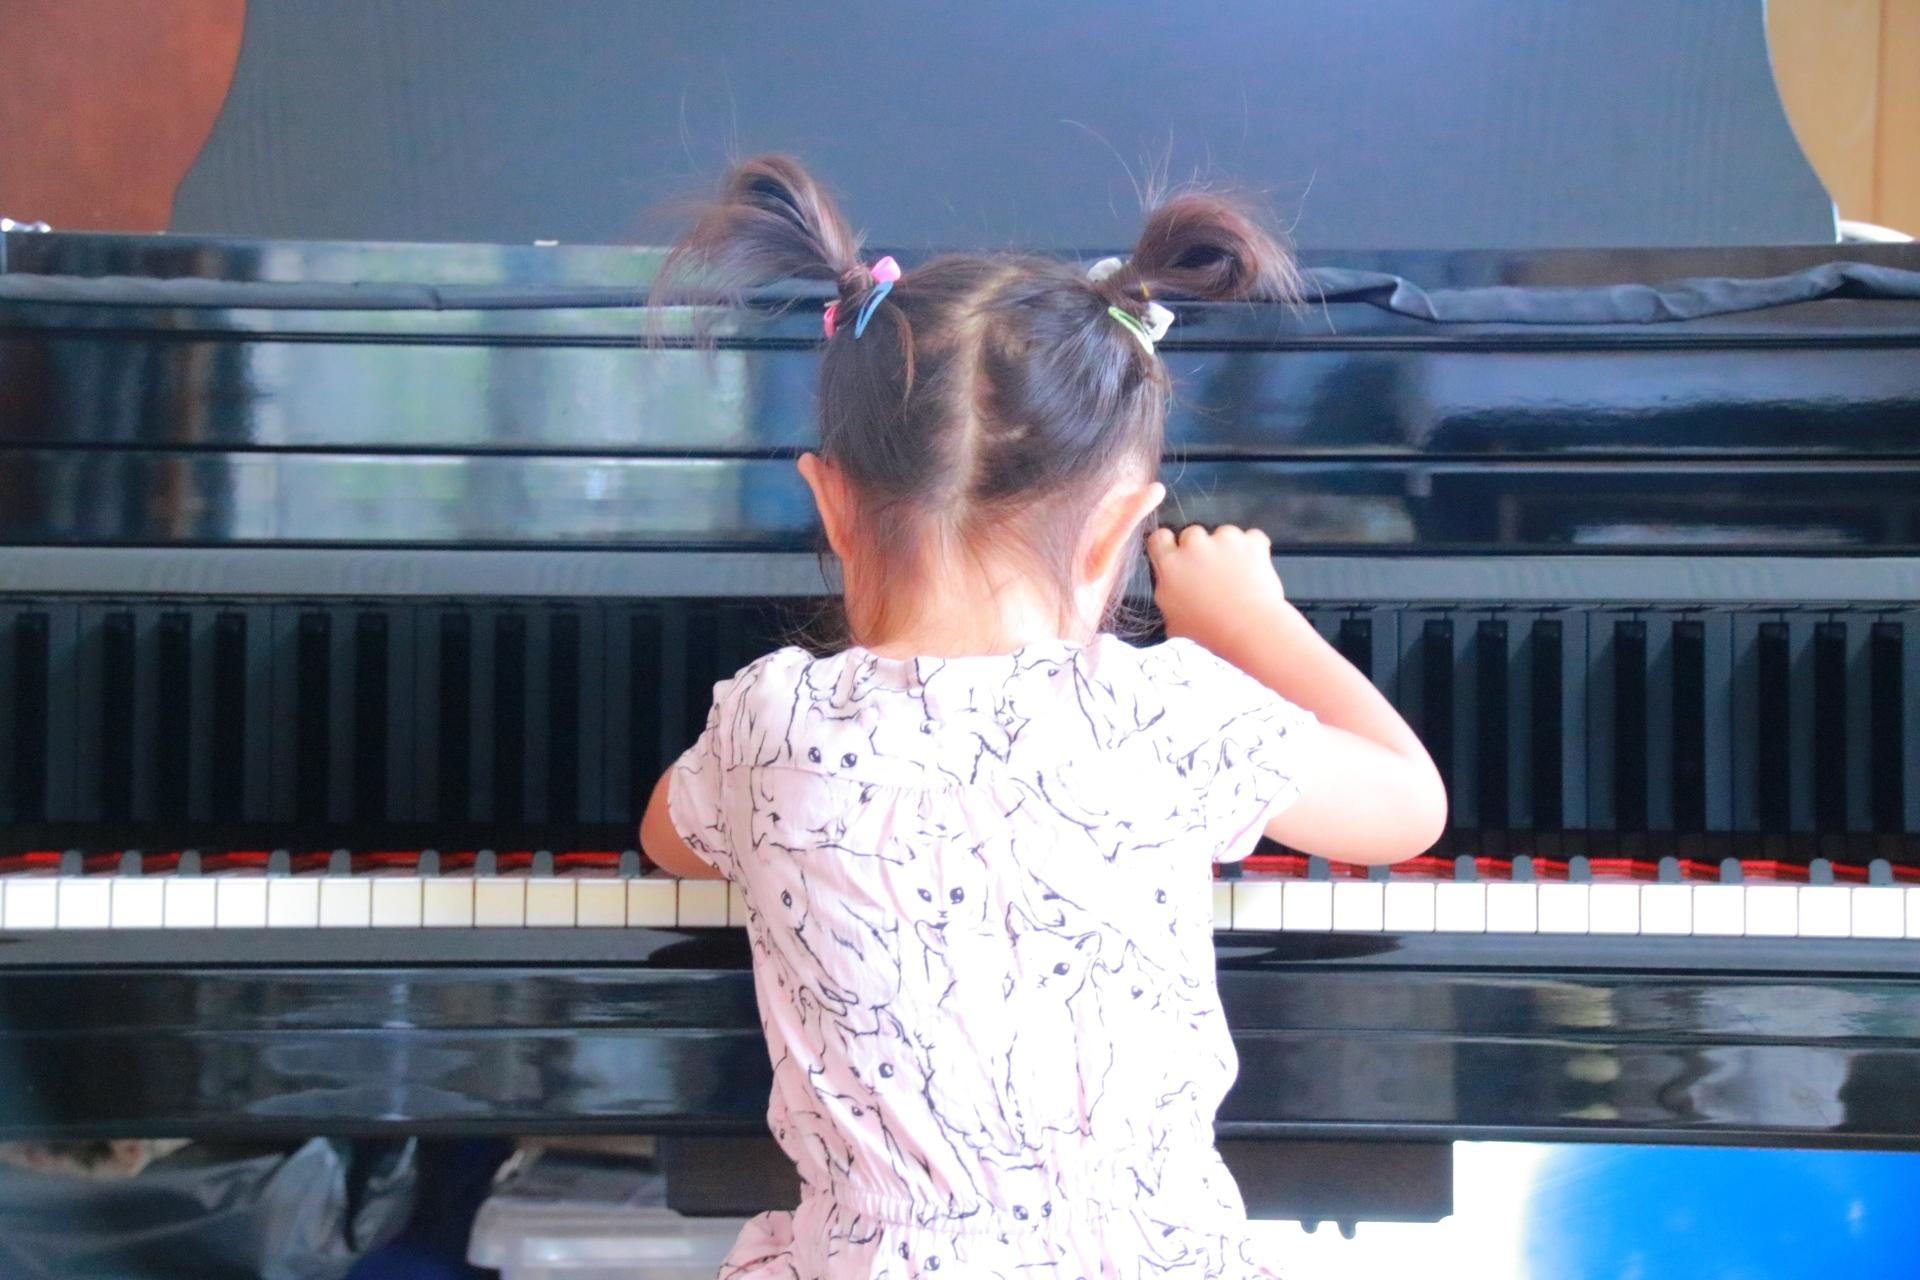 ピアノを始める理想の年齢とは?子どもの頃から習うと良い理由。